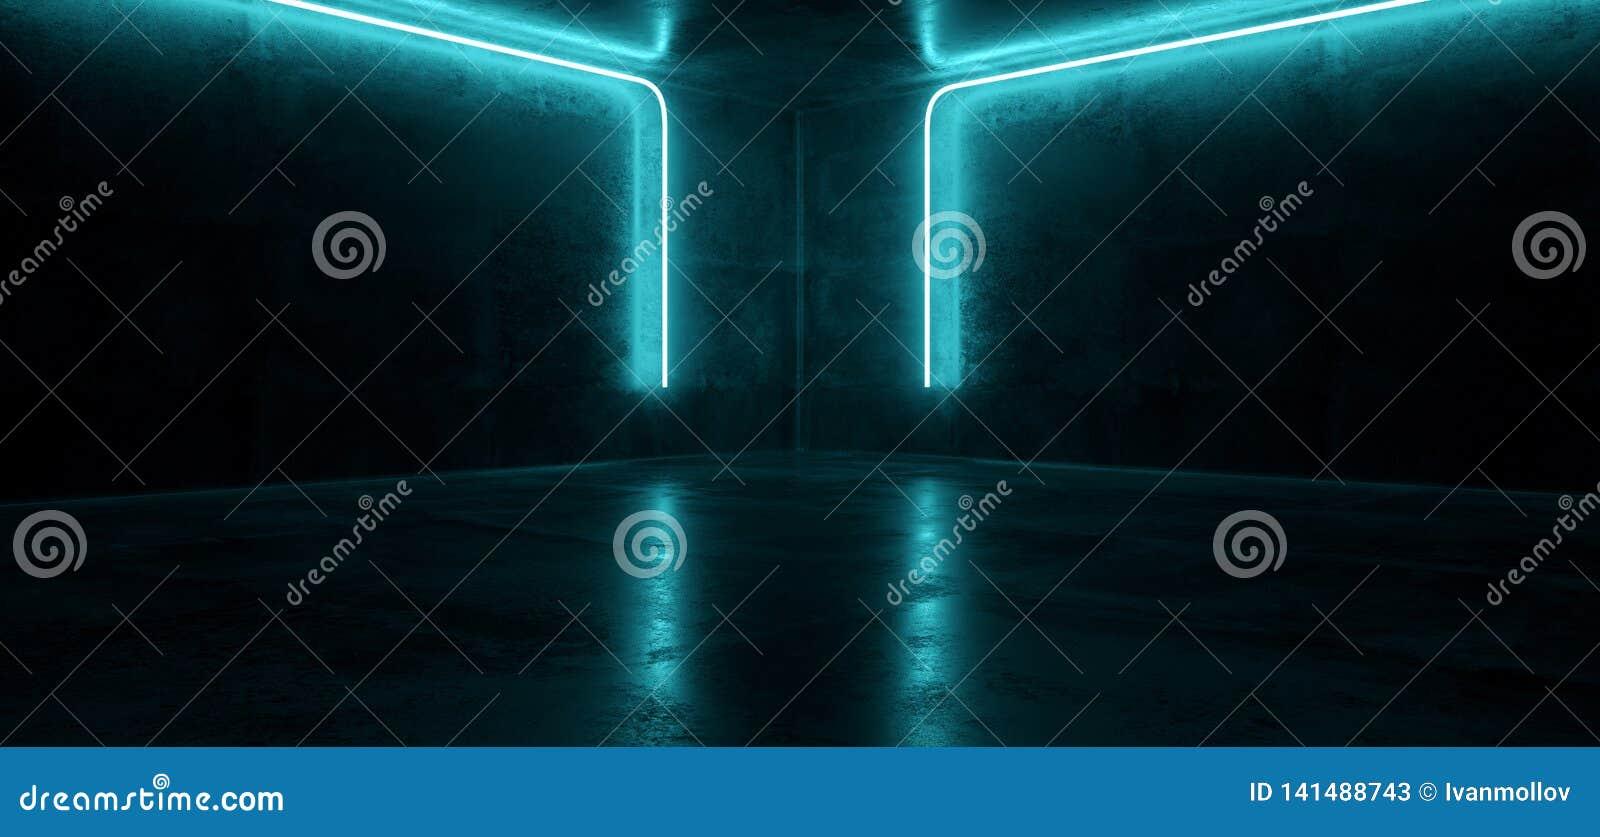 Il blu vibrante moderno retro d ardore di Cyberpunk futuristico al neon di Sci Fi accende la stanza vuota Hall Reflective Concret